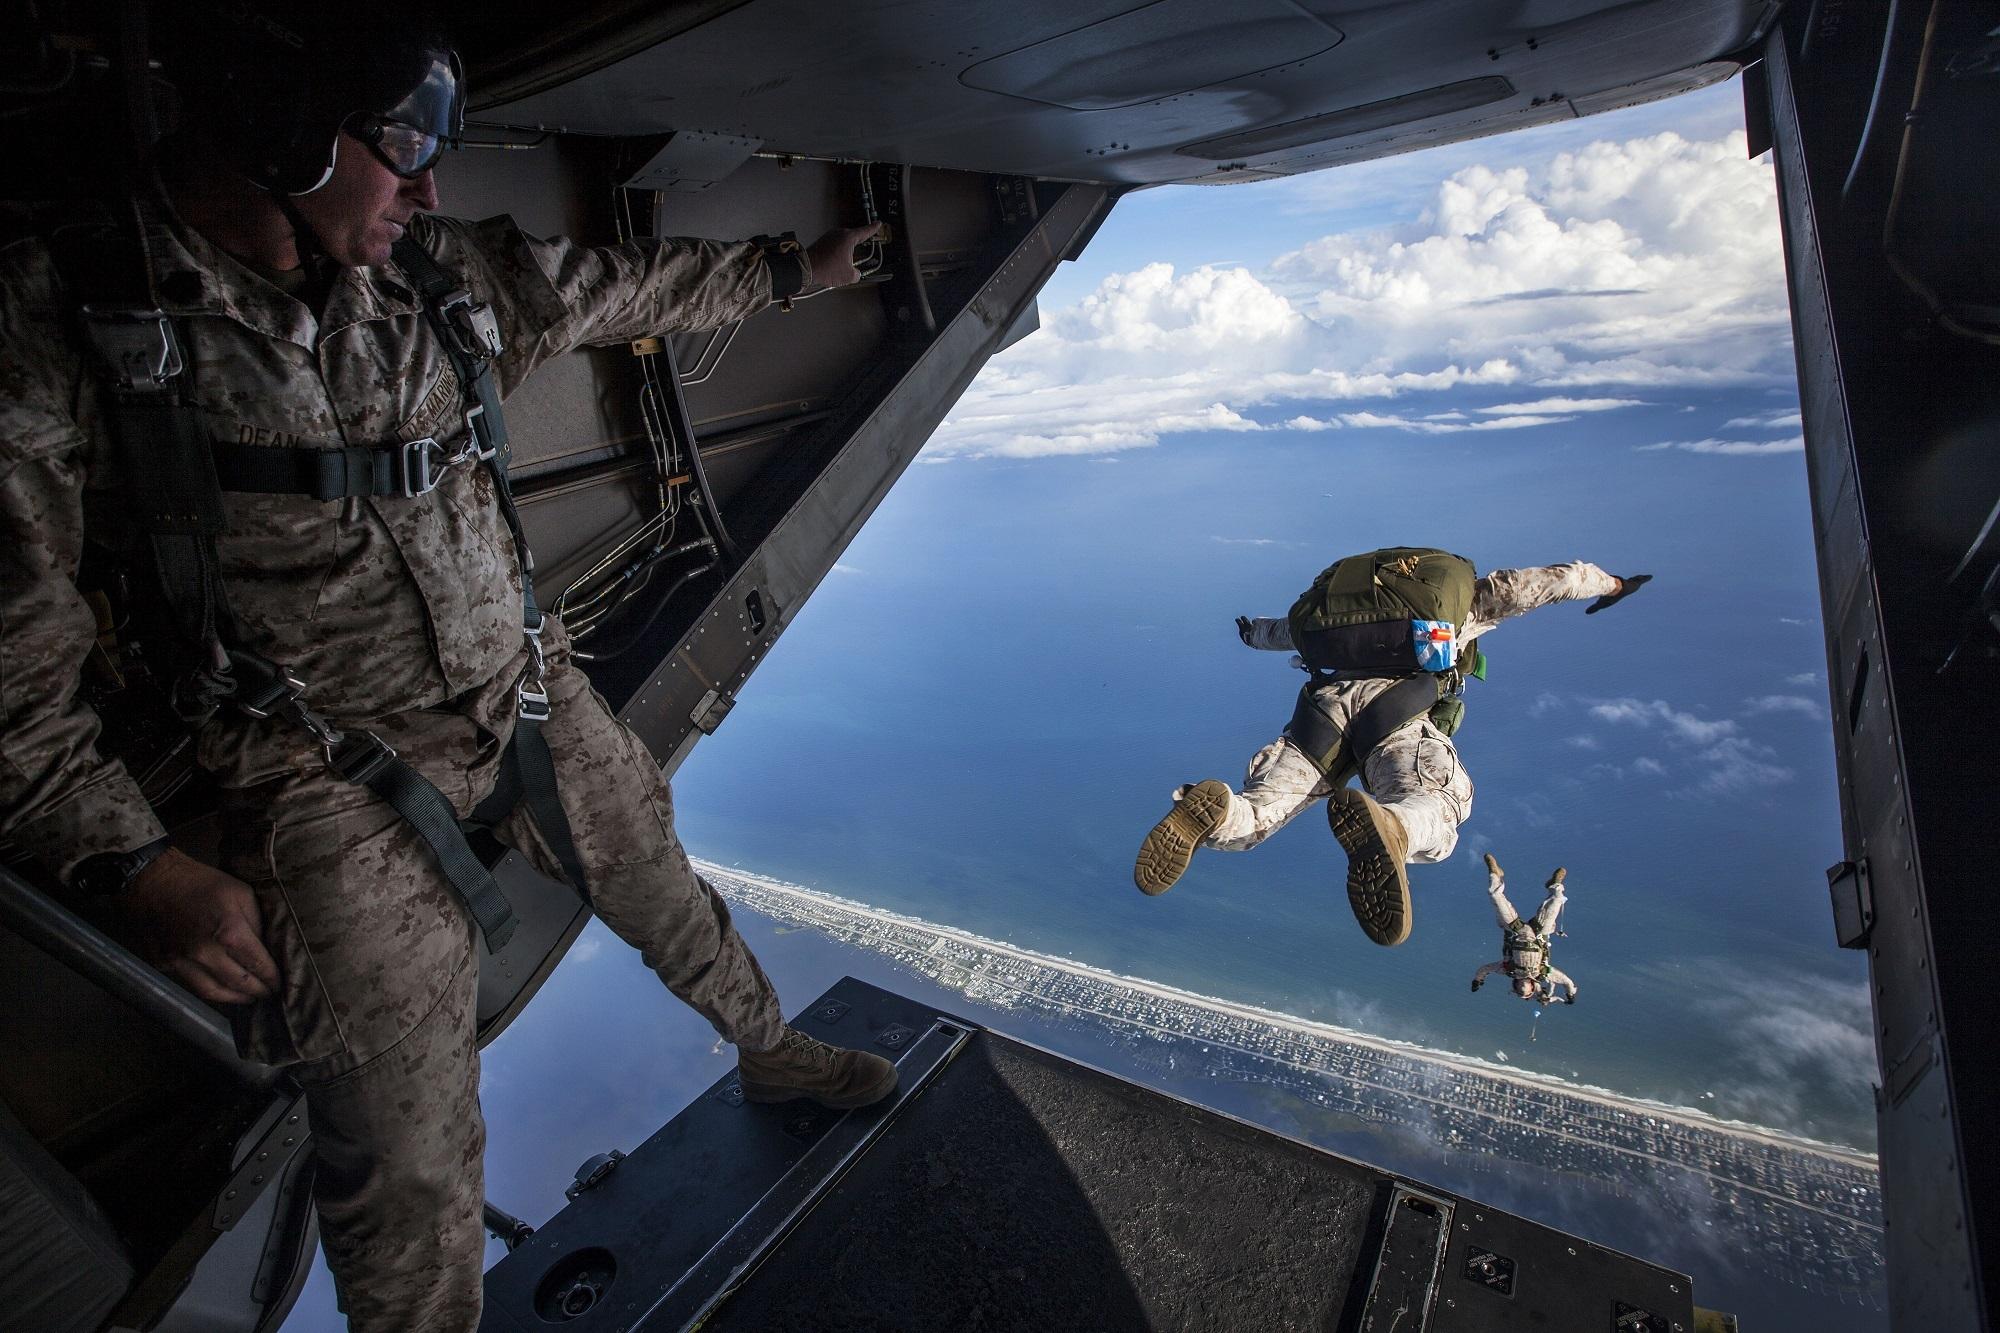 paracadute, salto, Esercito, aria, rischio - Sfondi HD - Professor-falken.com